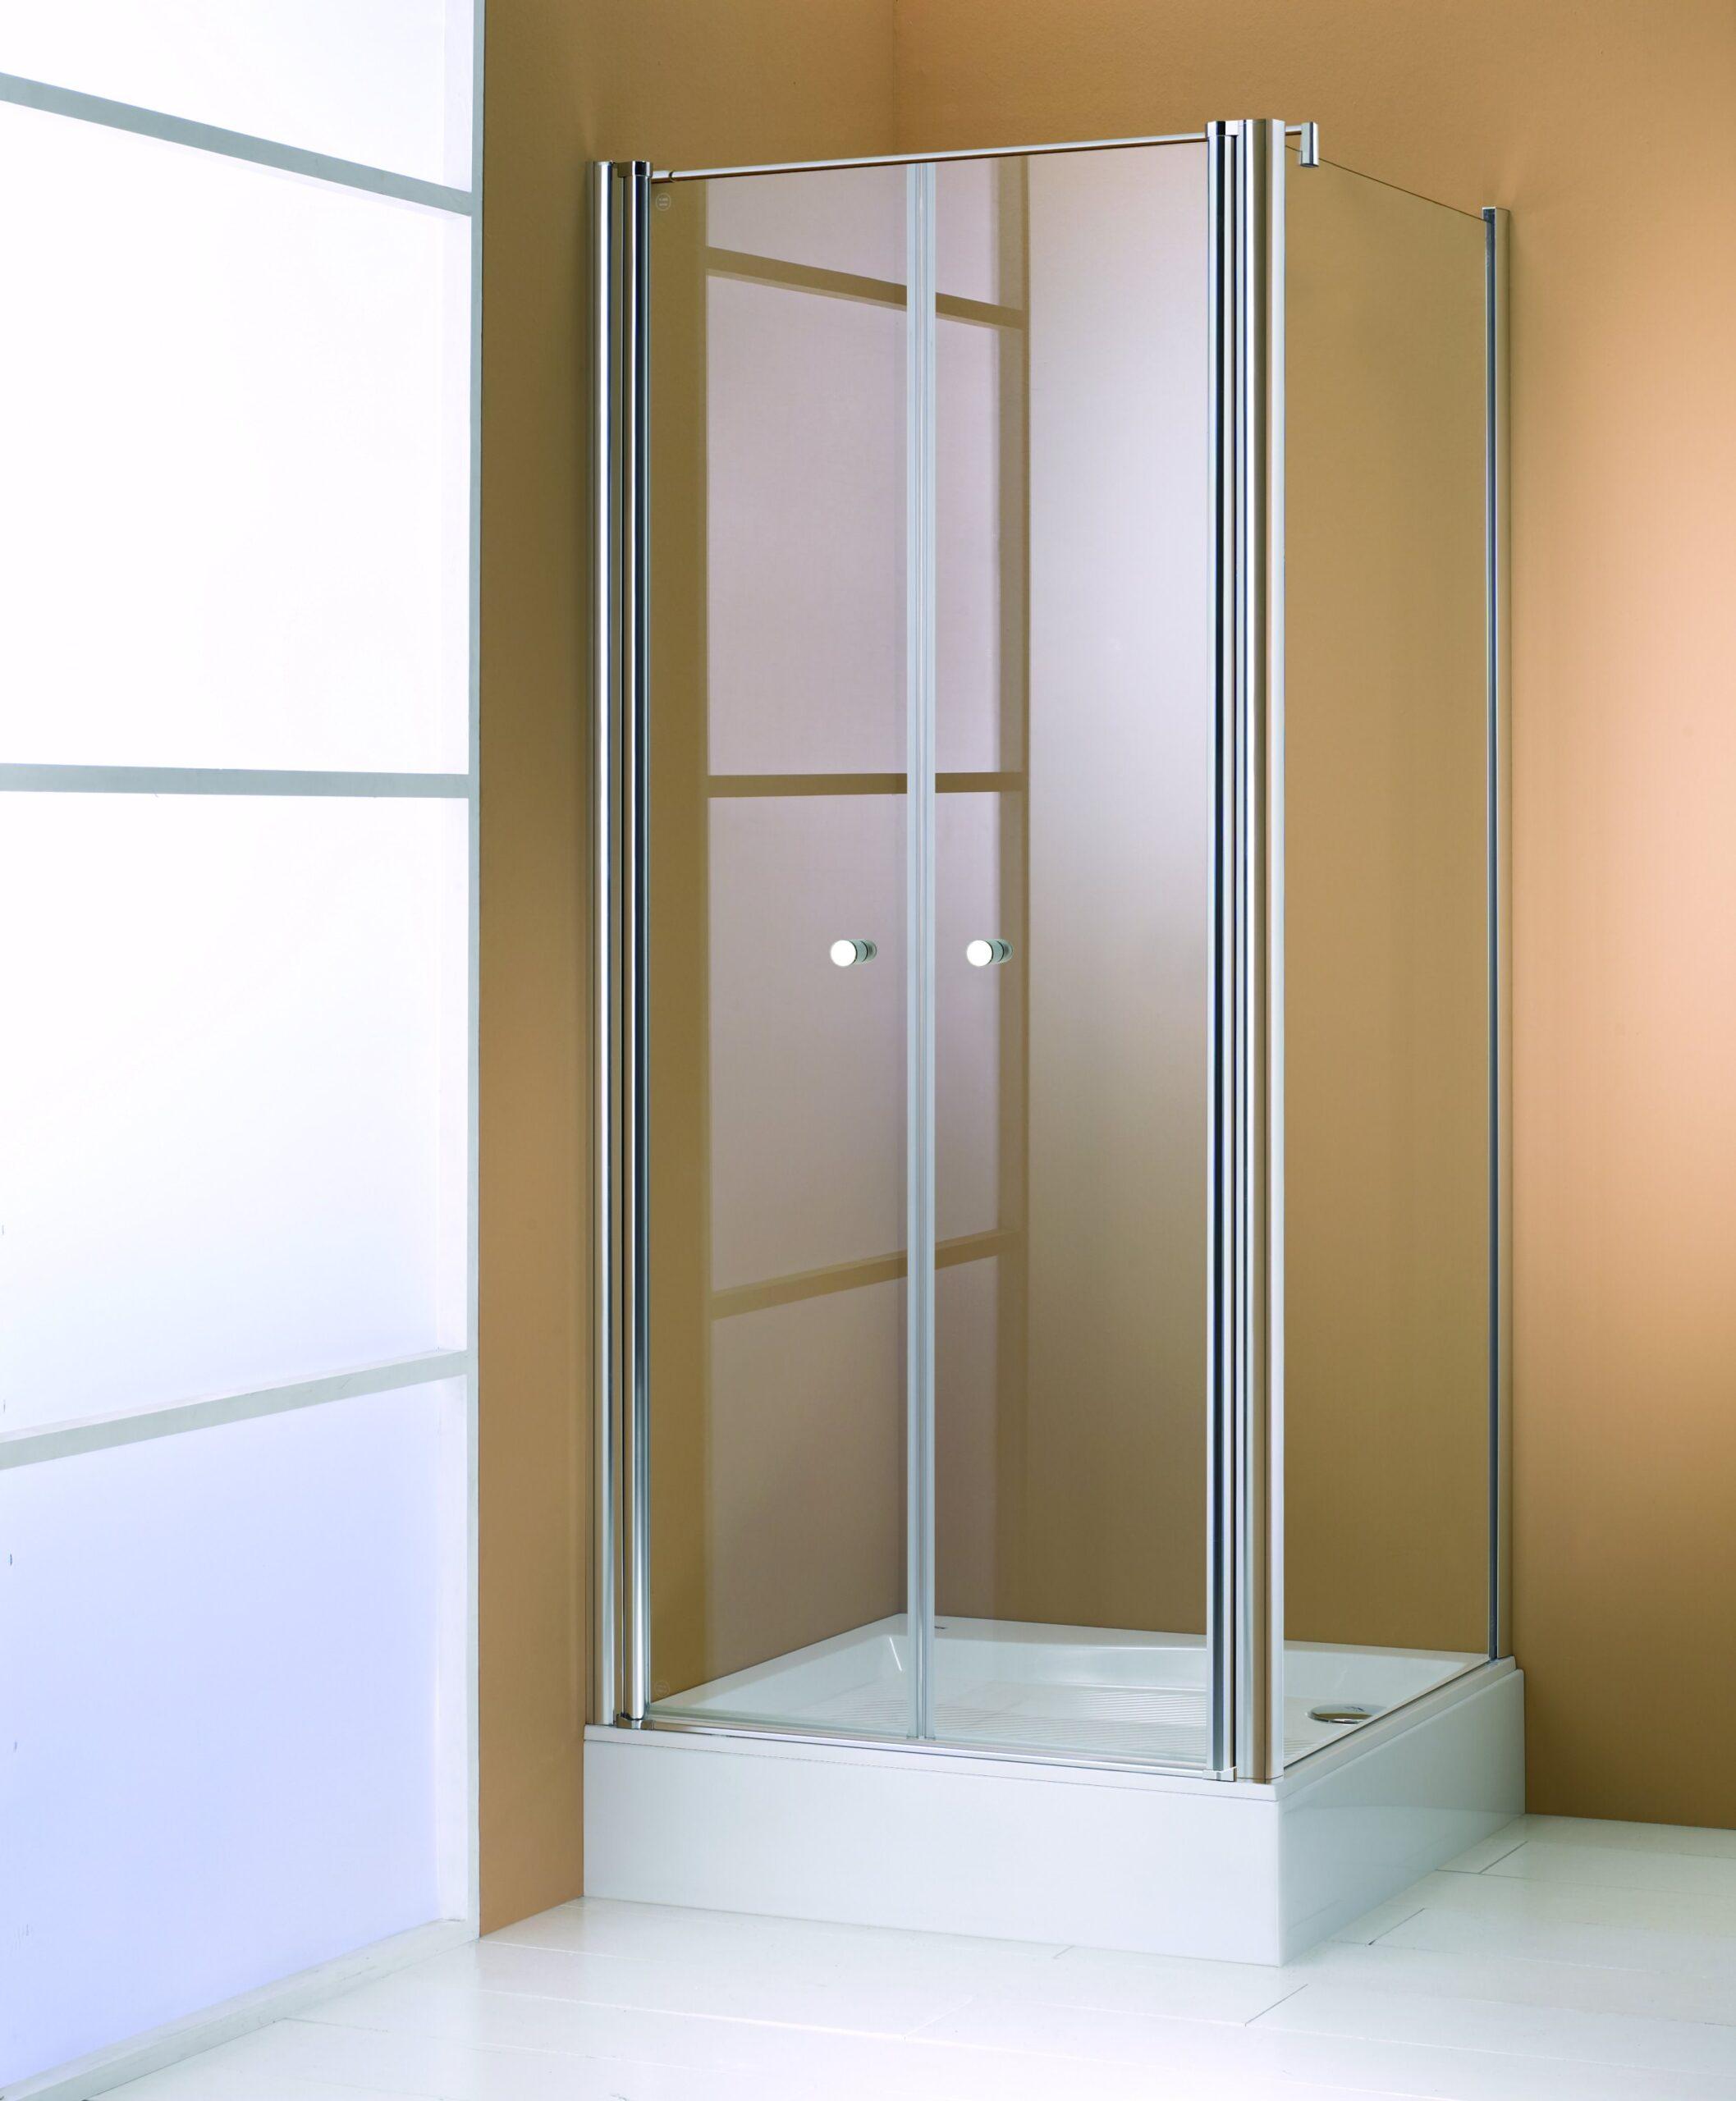 Full Size of Hppe 501 Design Pure Seitenwand Fr Pendeltr Schwarz Sand Plus Hüppe Duschen Dusche Schulte Werksverkauf Hsk Sprinz Moderne Bodengleiche Breuer Kaufen Dusche Hüppe Duschen